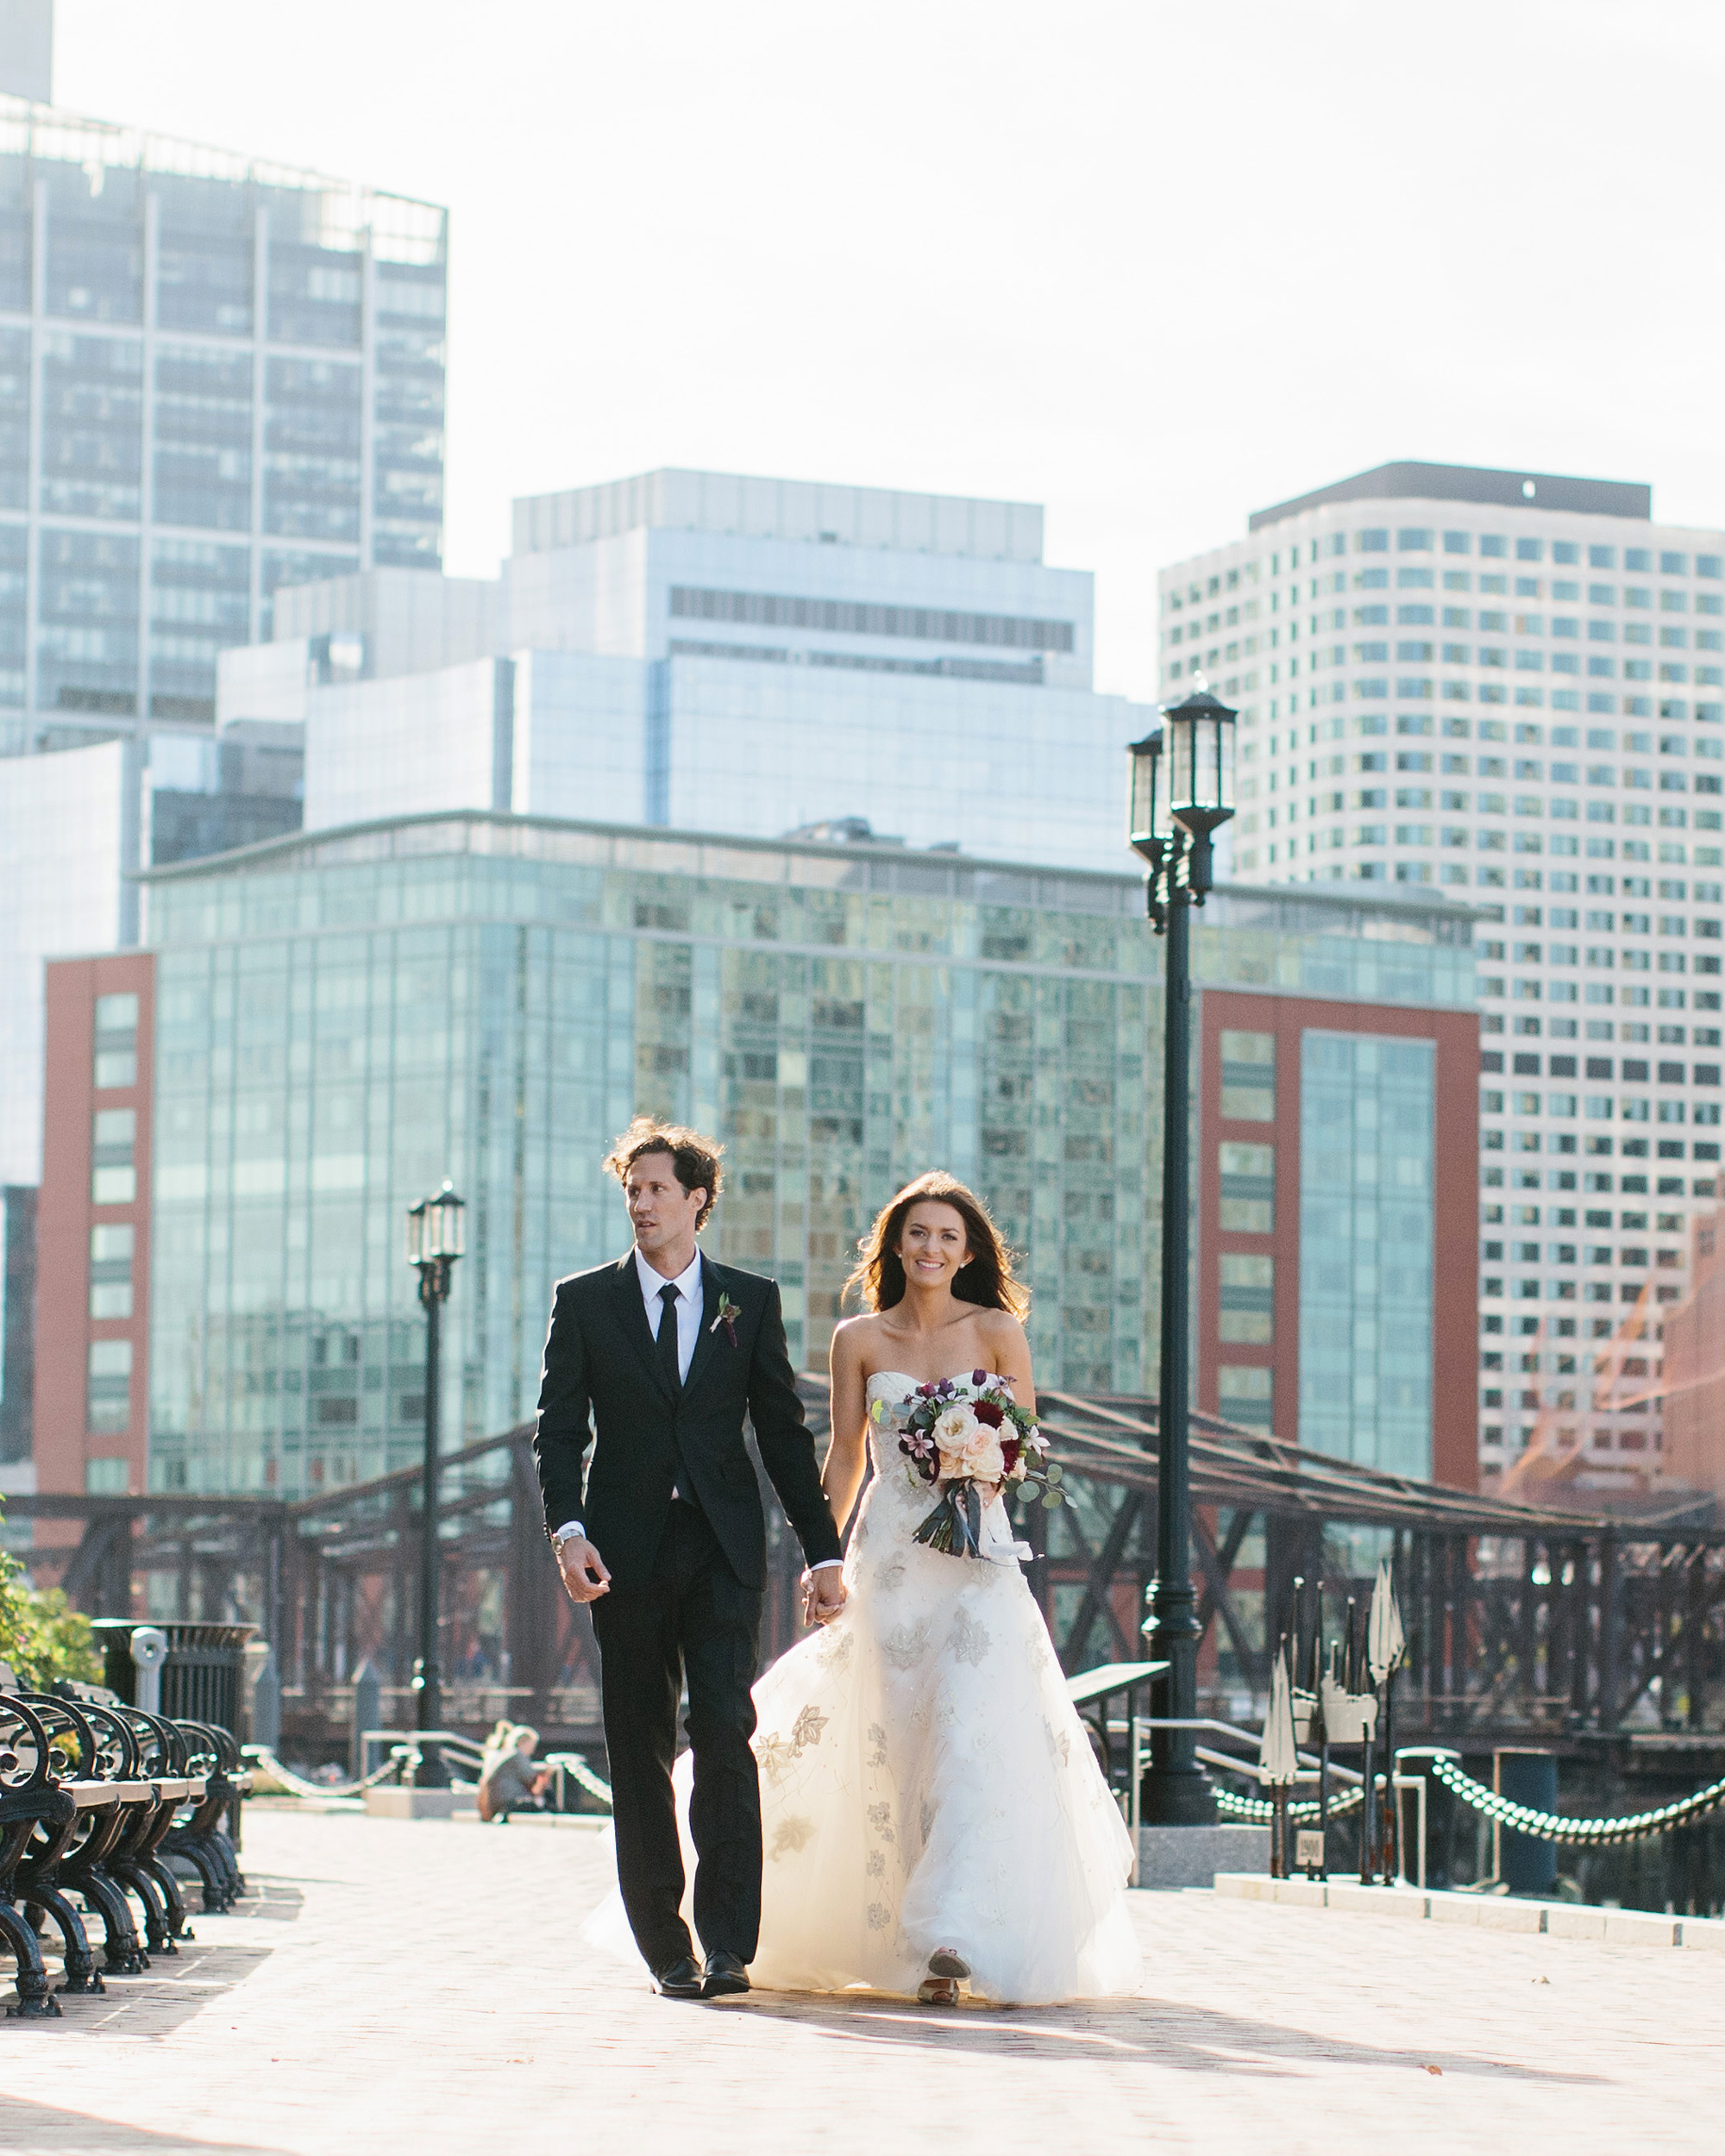 danielle-brian-wedding-couple-0336-s113001-0616.jpg